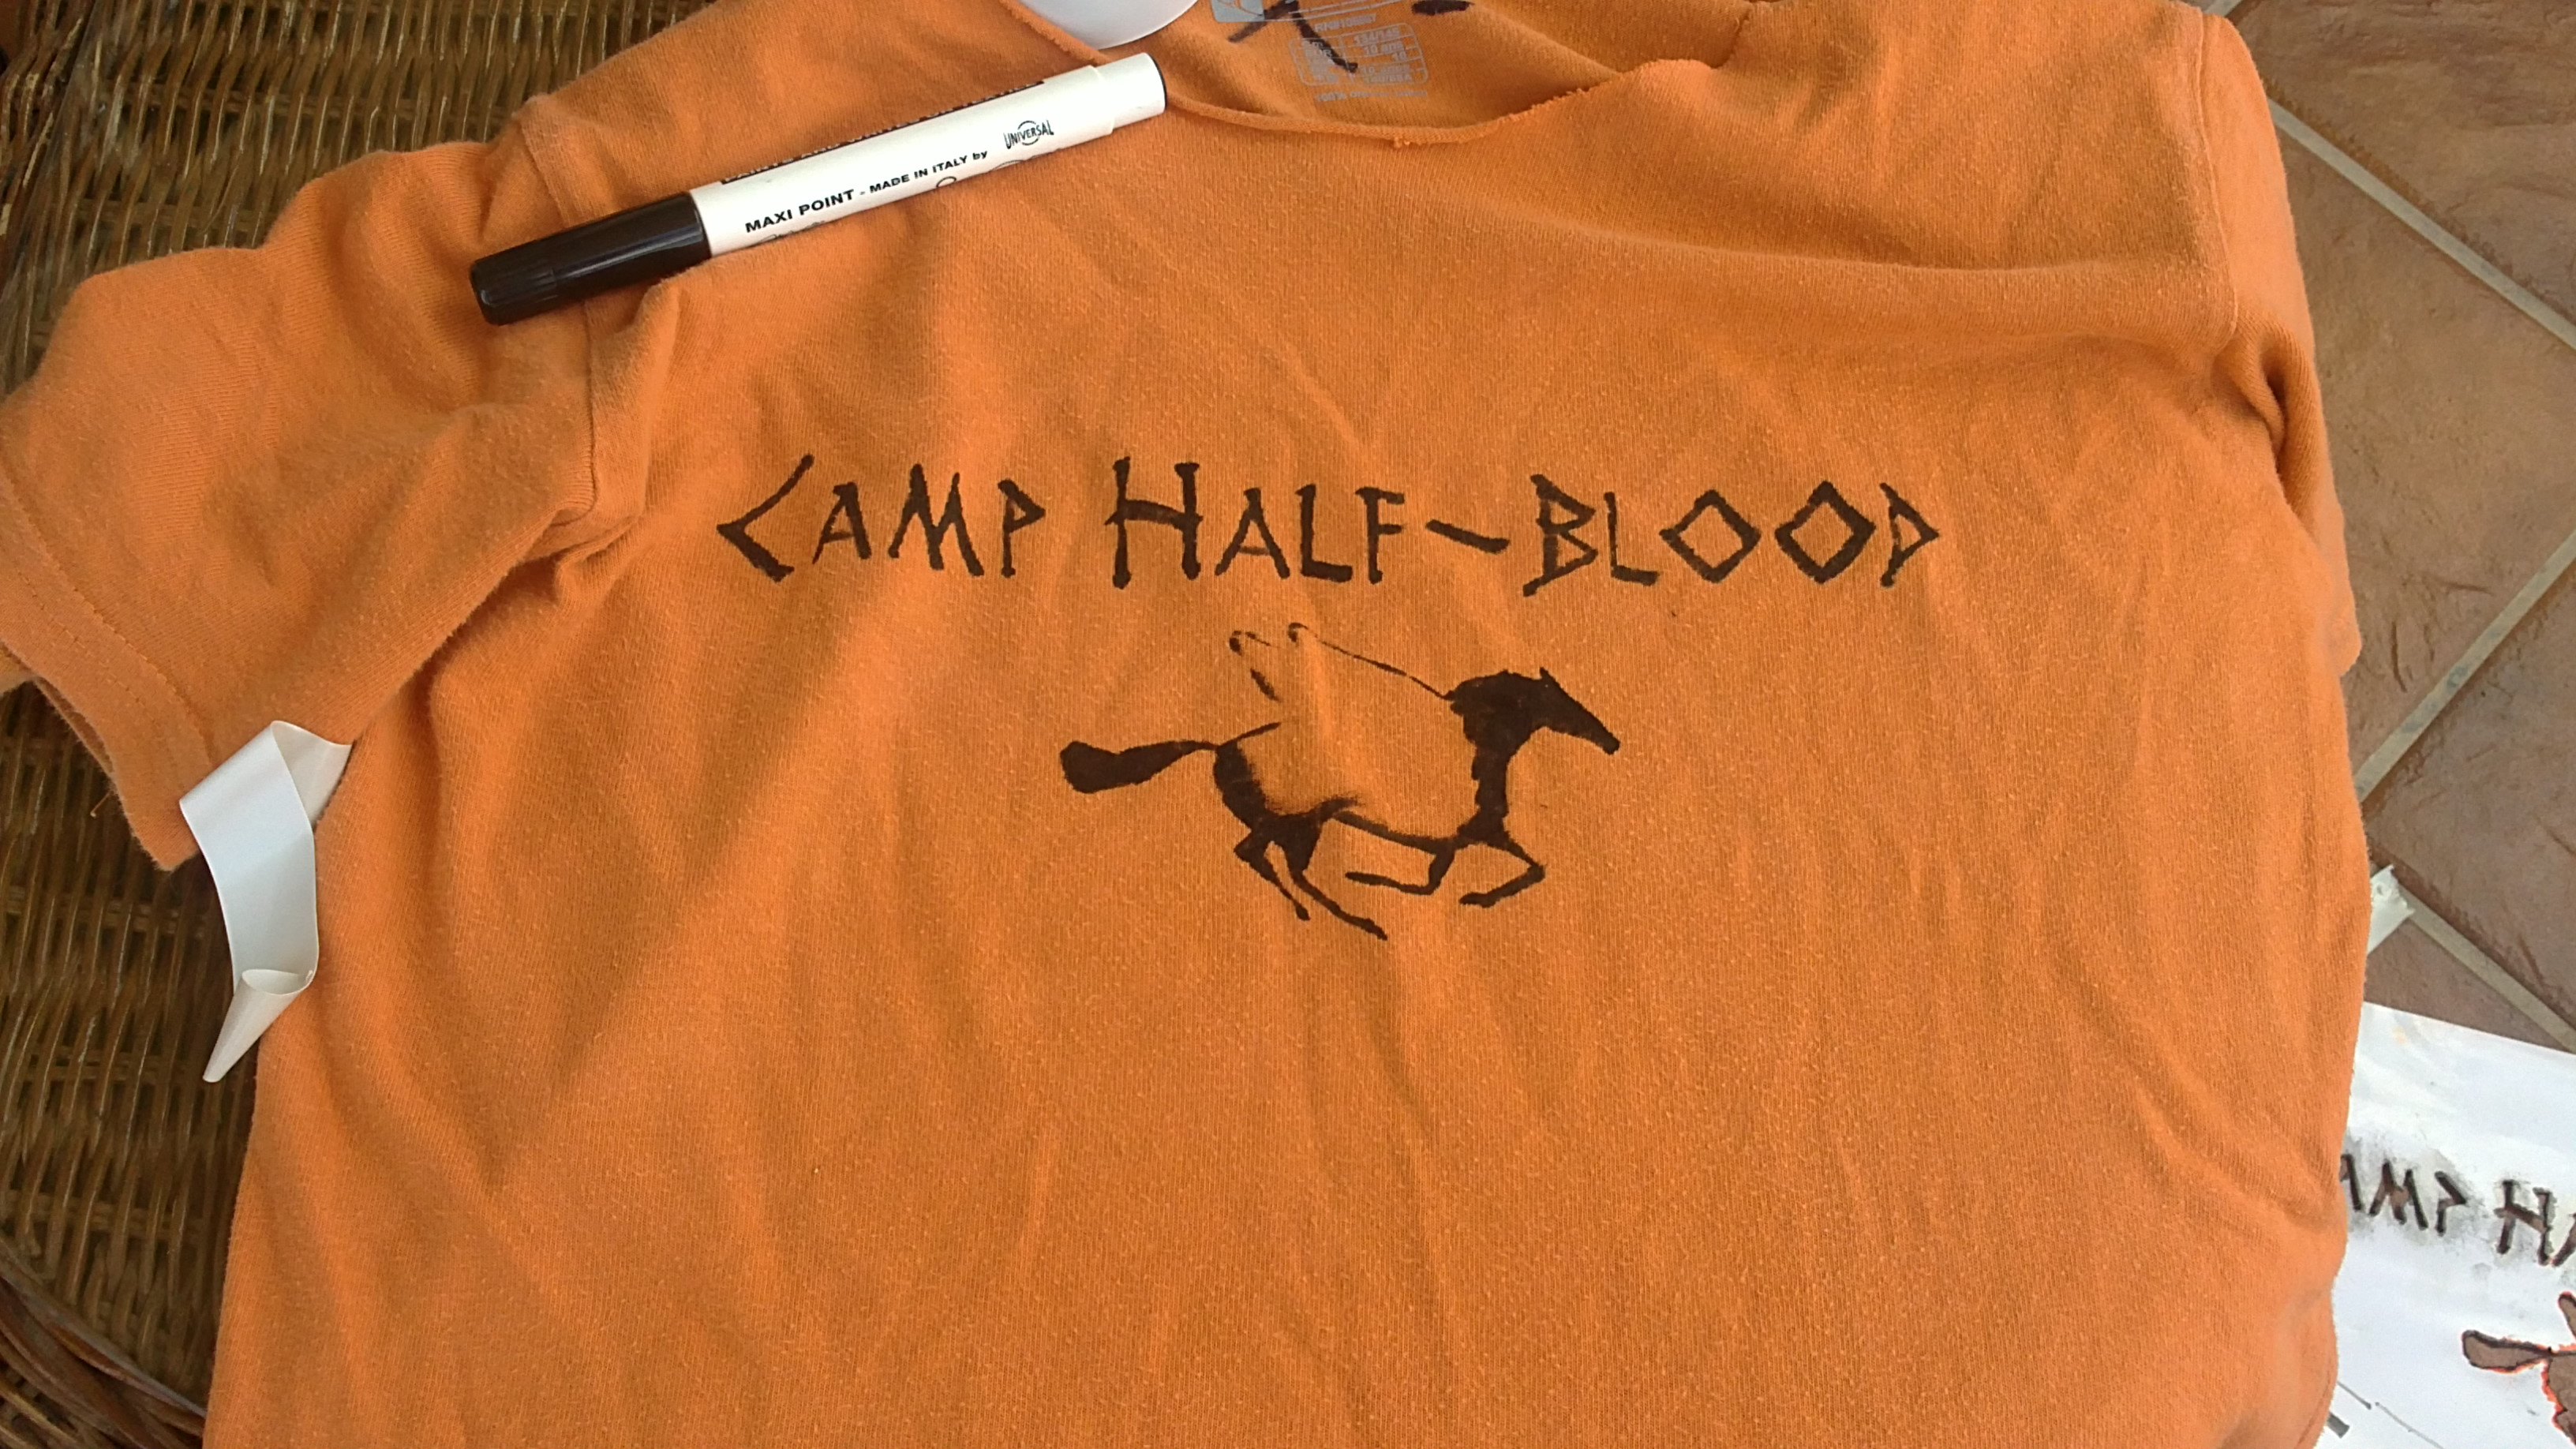 Tumblr shirt ideas